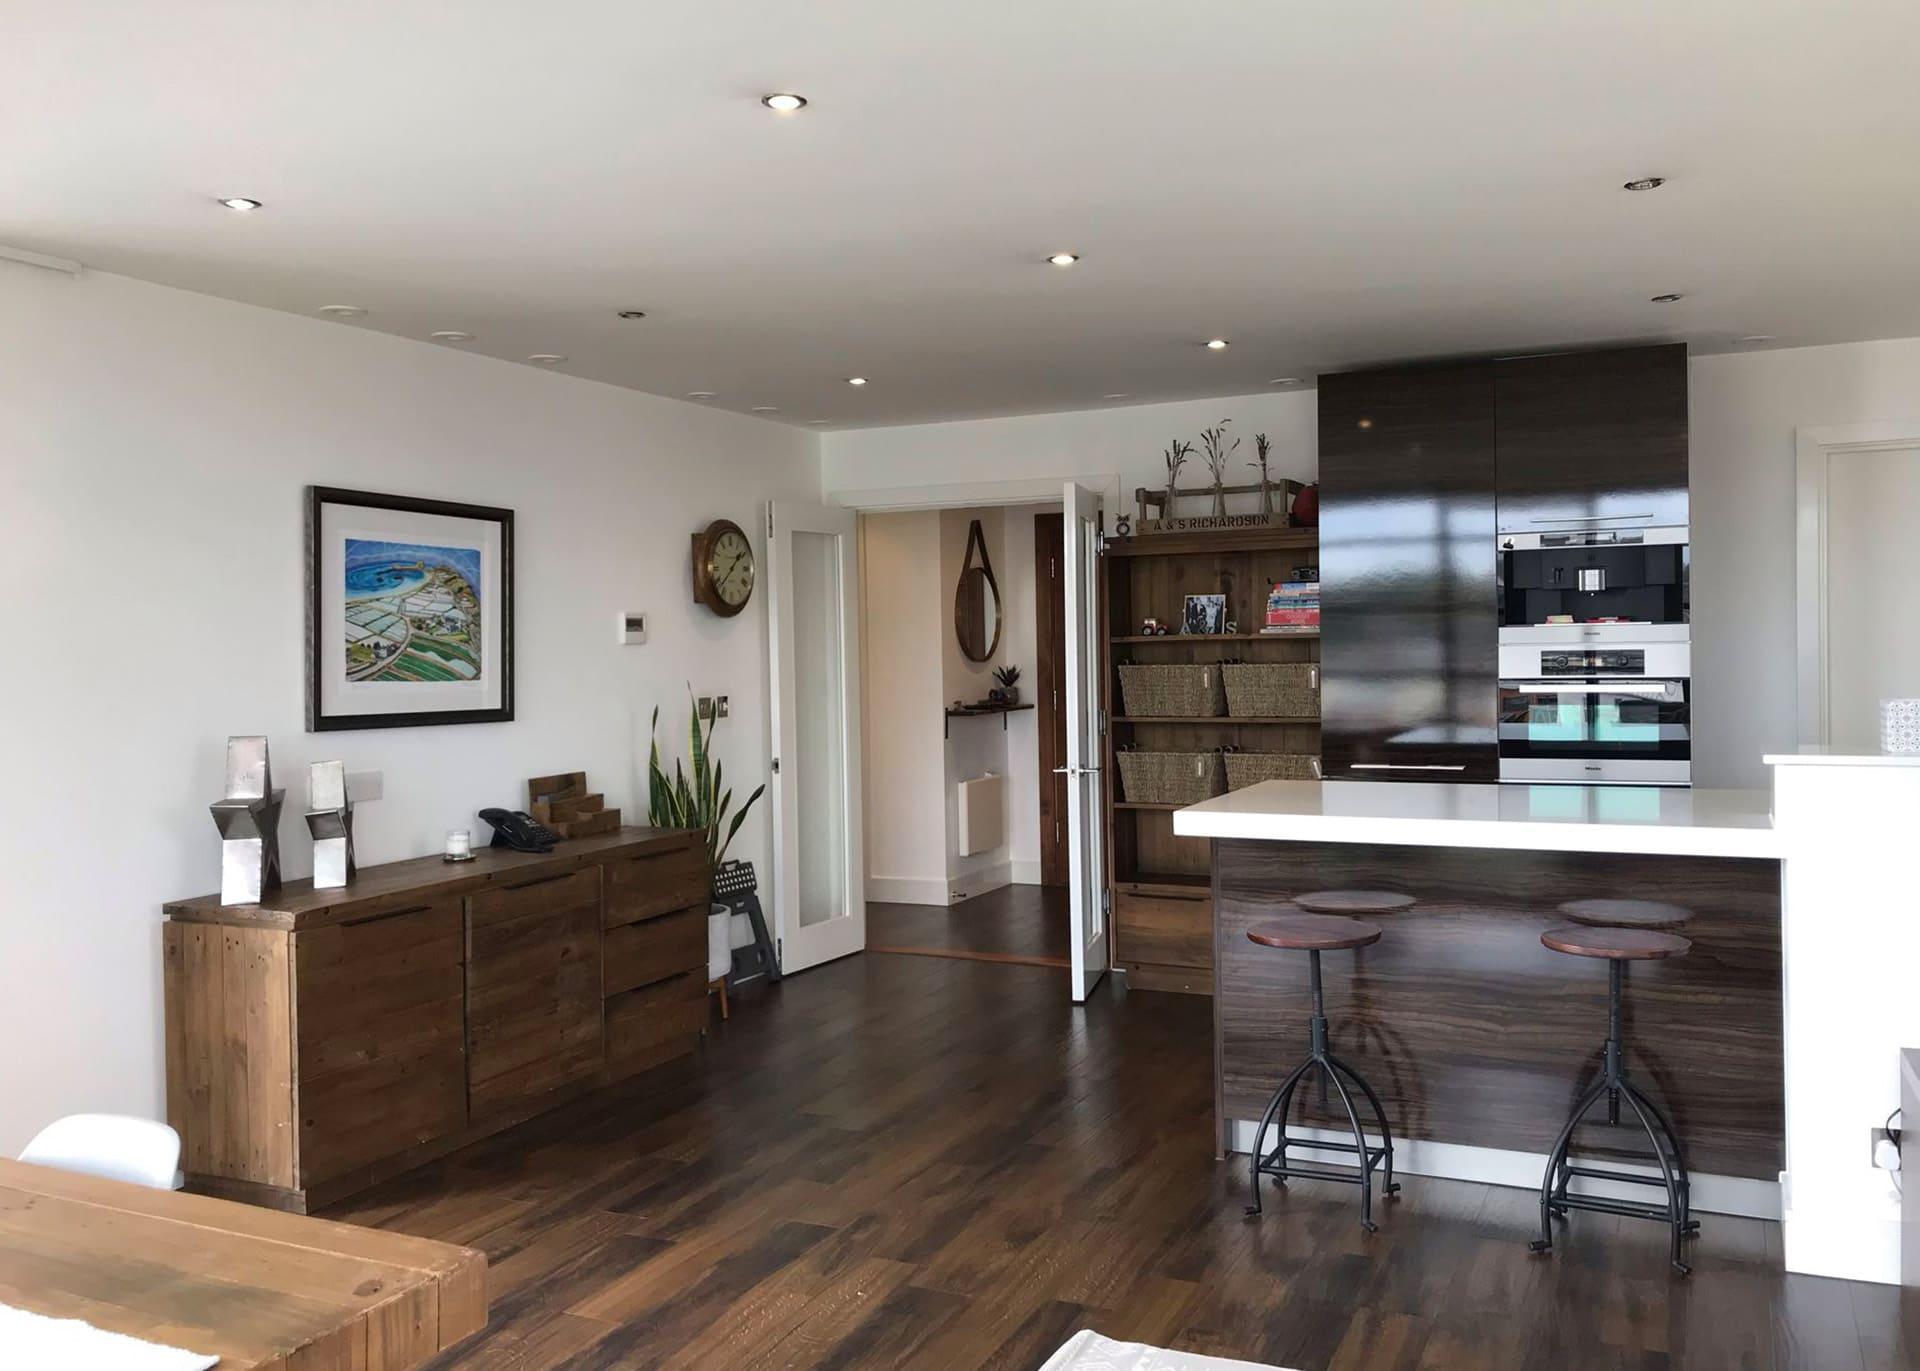 B517 Millais House Castle Quay Lounge-Kitchen-Diner